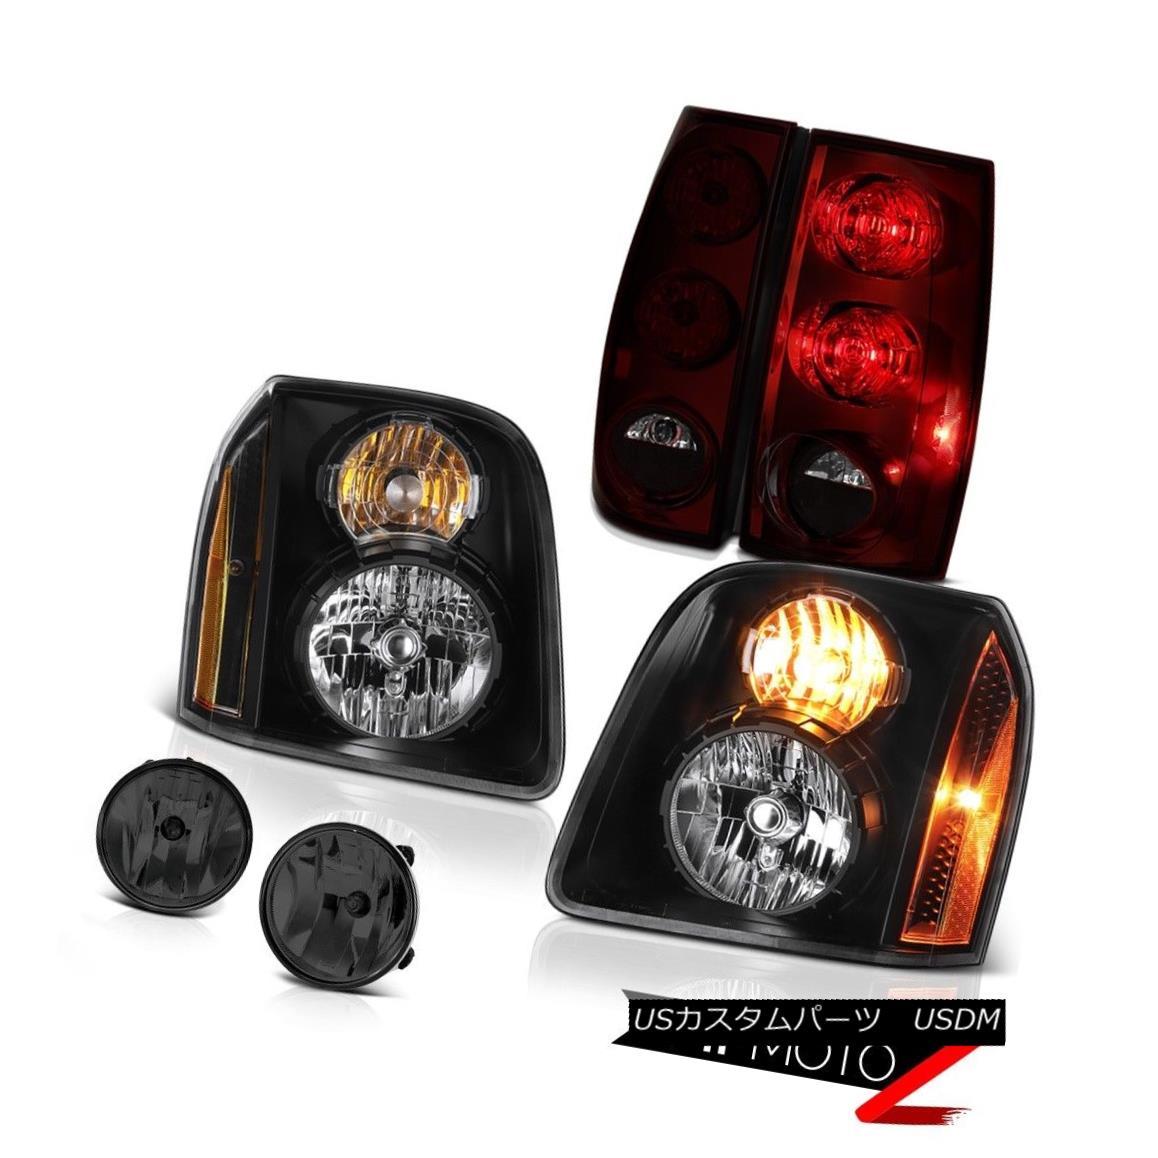 ヘッドライト 07-14 GMC Yukon XL SLE Smokey Foglights Tail Lights Black Headlamps Replacement 07-14 GMC Yukon XL SLEスモーキーフォグライトテールライトブラックヘッドランプ交換